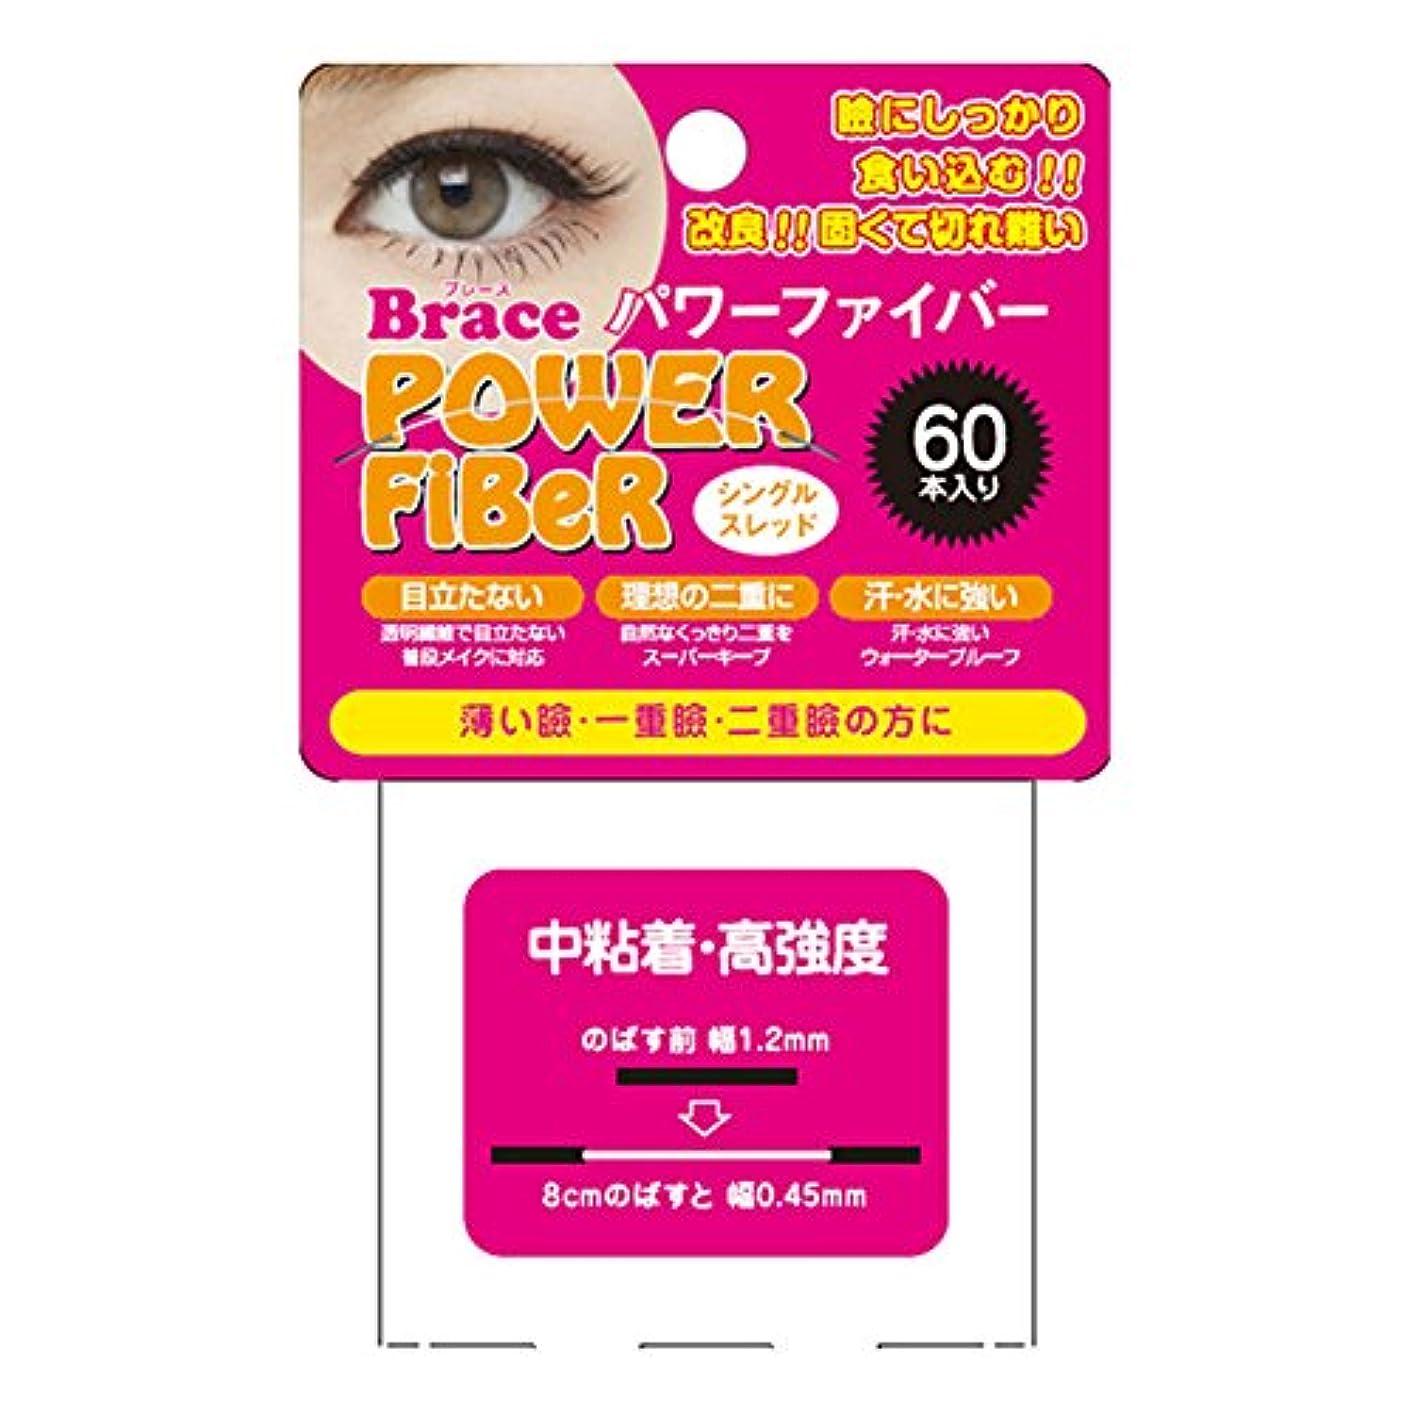 思い出させる聖域労働者Brace ブレース パワーファイバー シングルスレッド クリア 1.2mm 60本入 (眼瞼下垂防止用テープ)